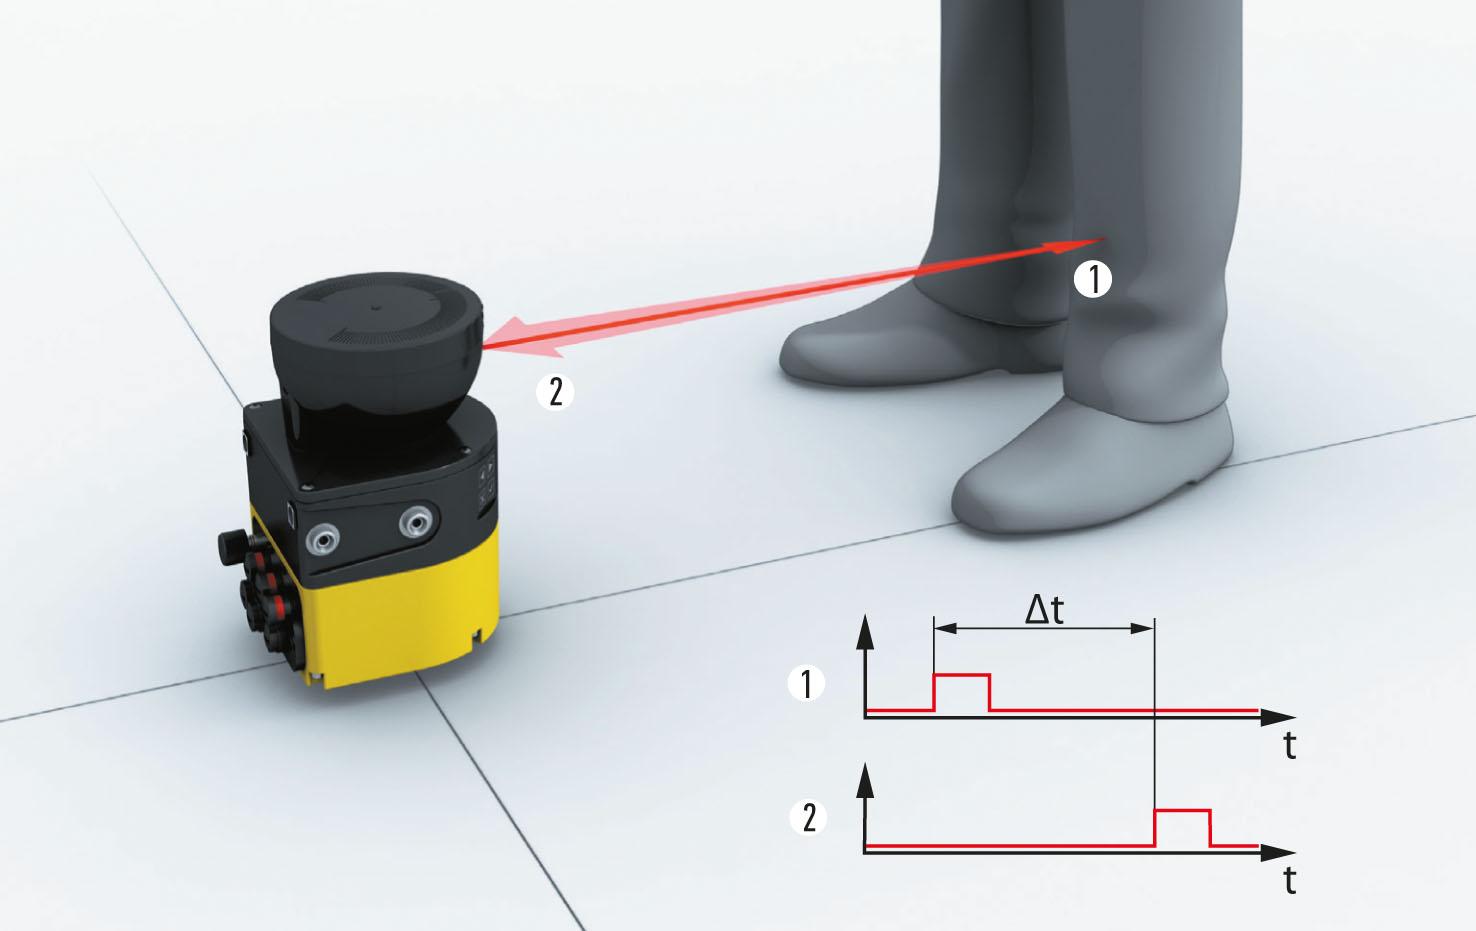 Рис. 2. Принцип функционирования лазерного сканера безопасности семейства microScan3 Core